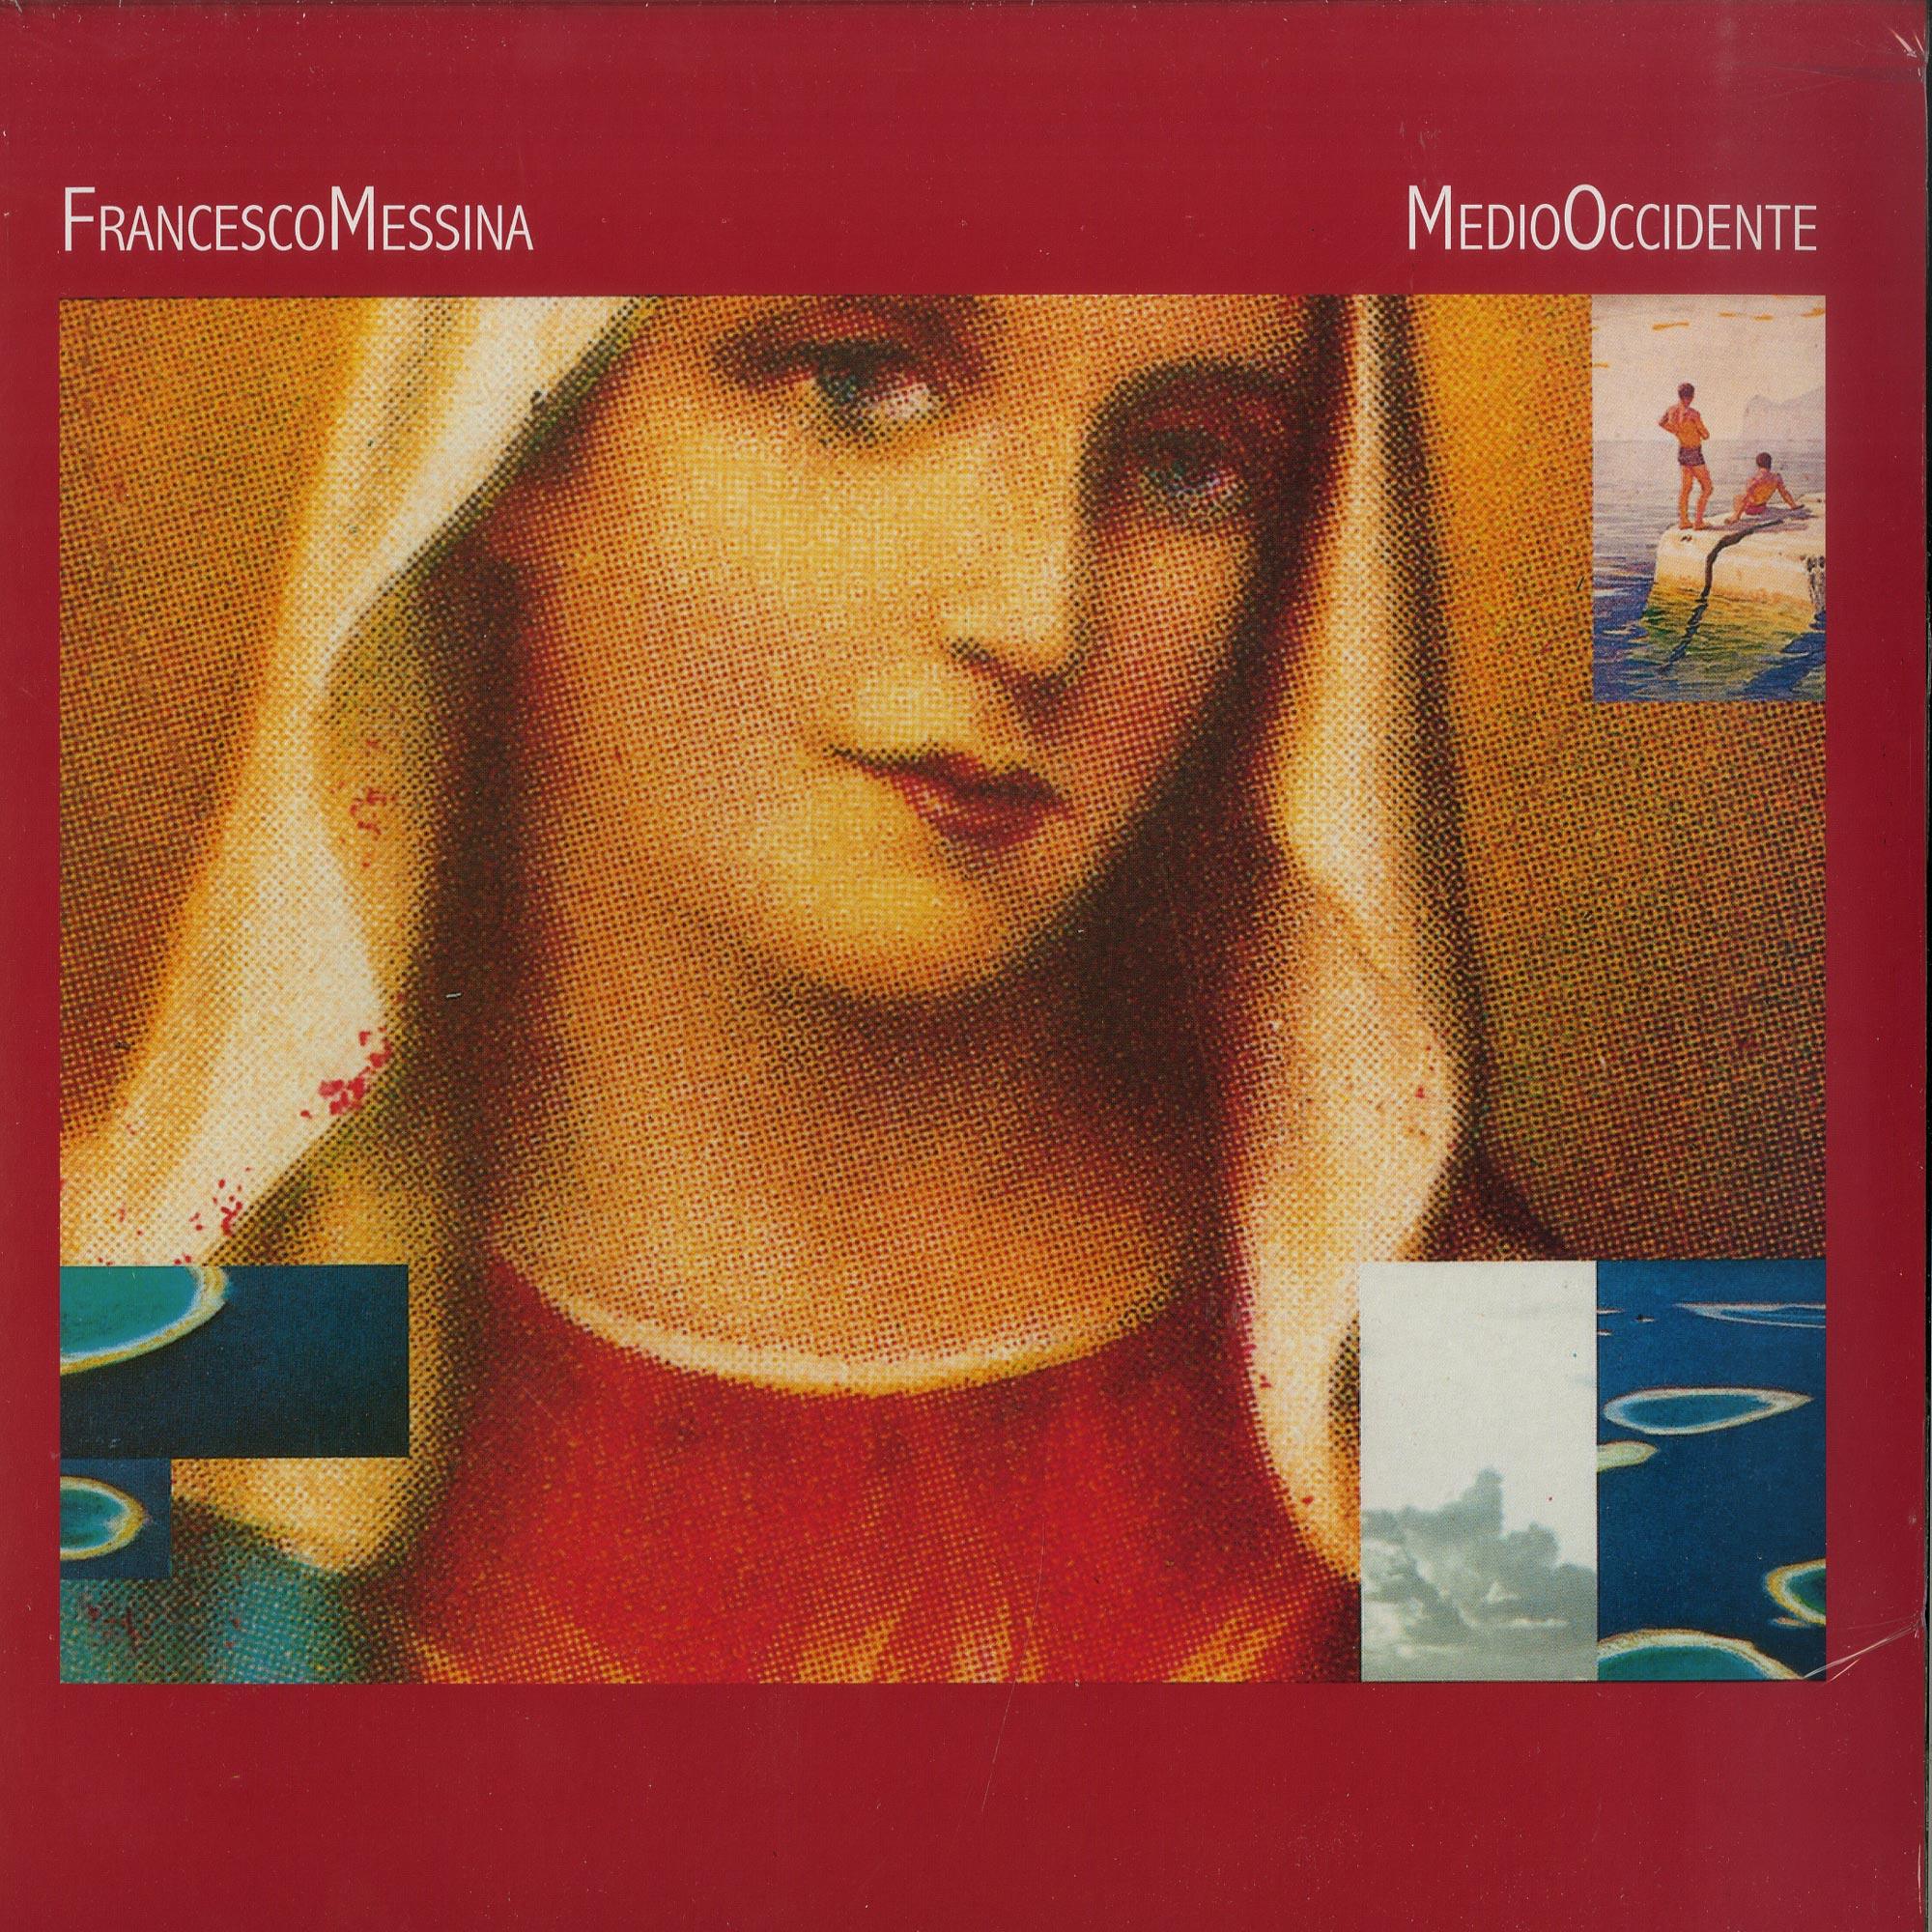 Francesco Messina - MEDIO OCCIDENTE